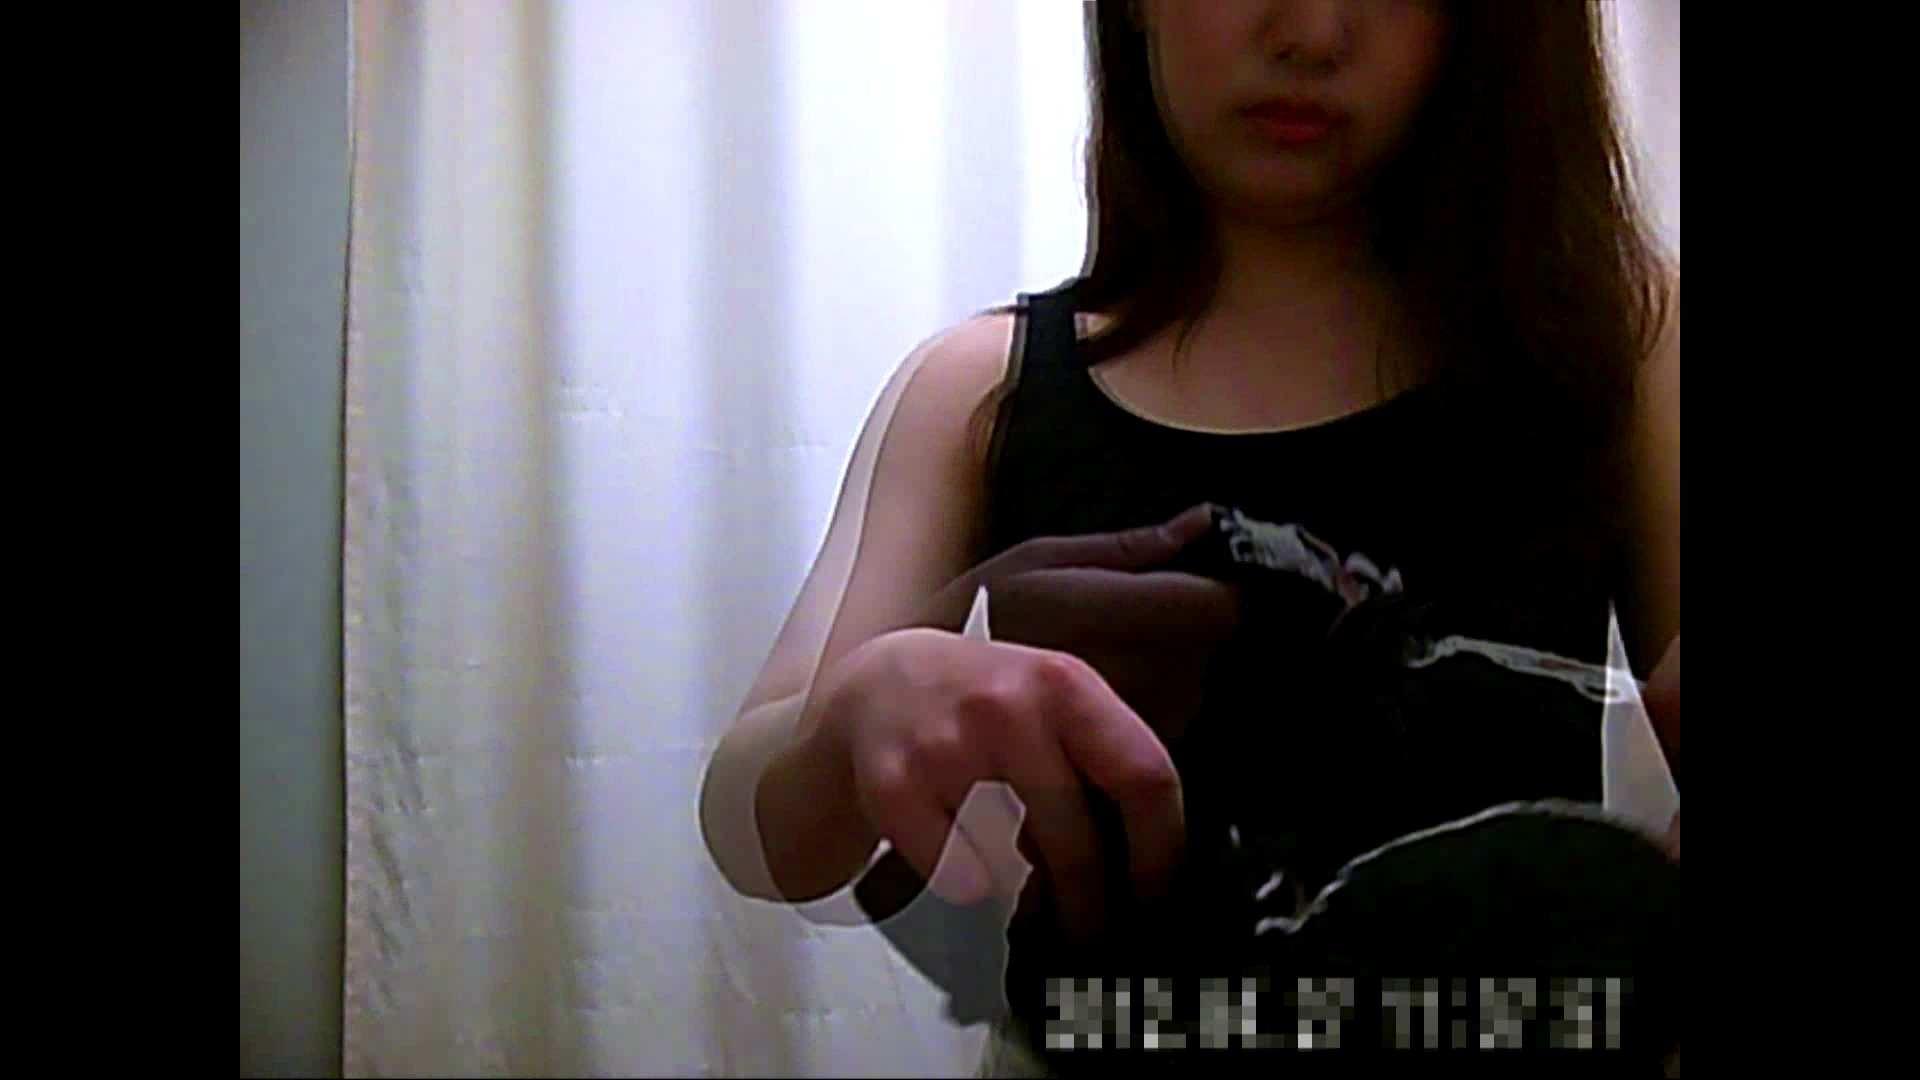 無修正エロ動画|元医者による反抗 更衣室地獄絵巻 vol.006|怪盗ジョーカー